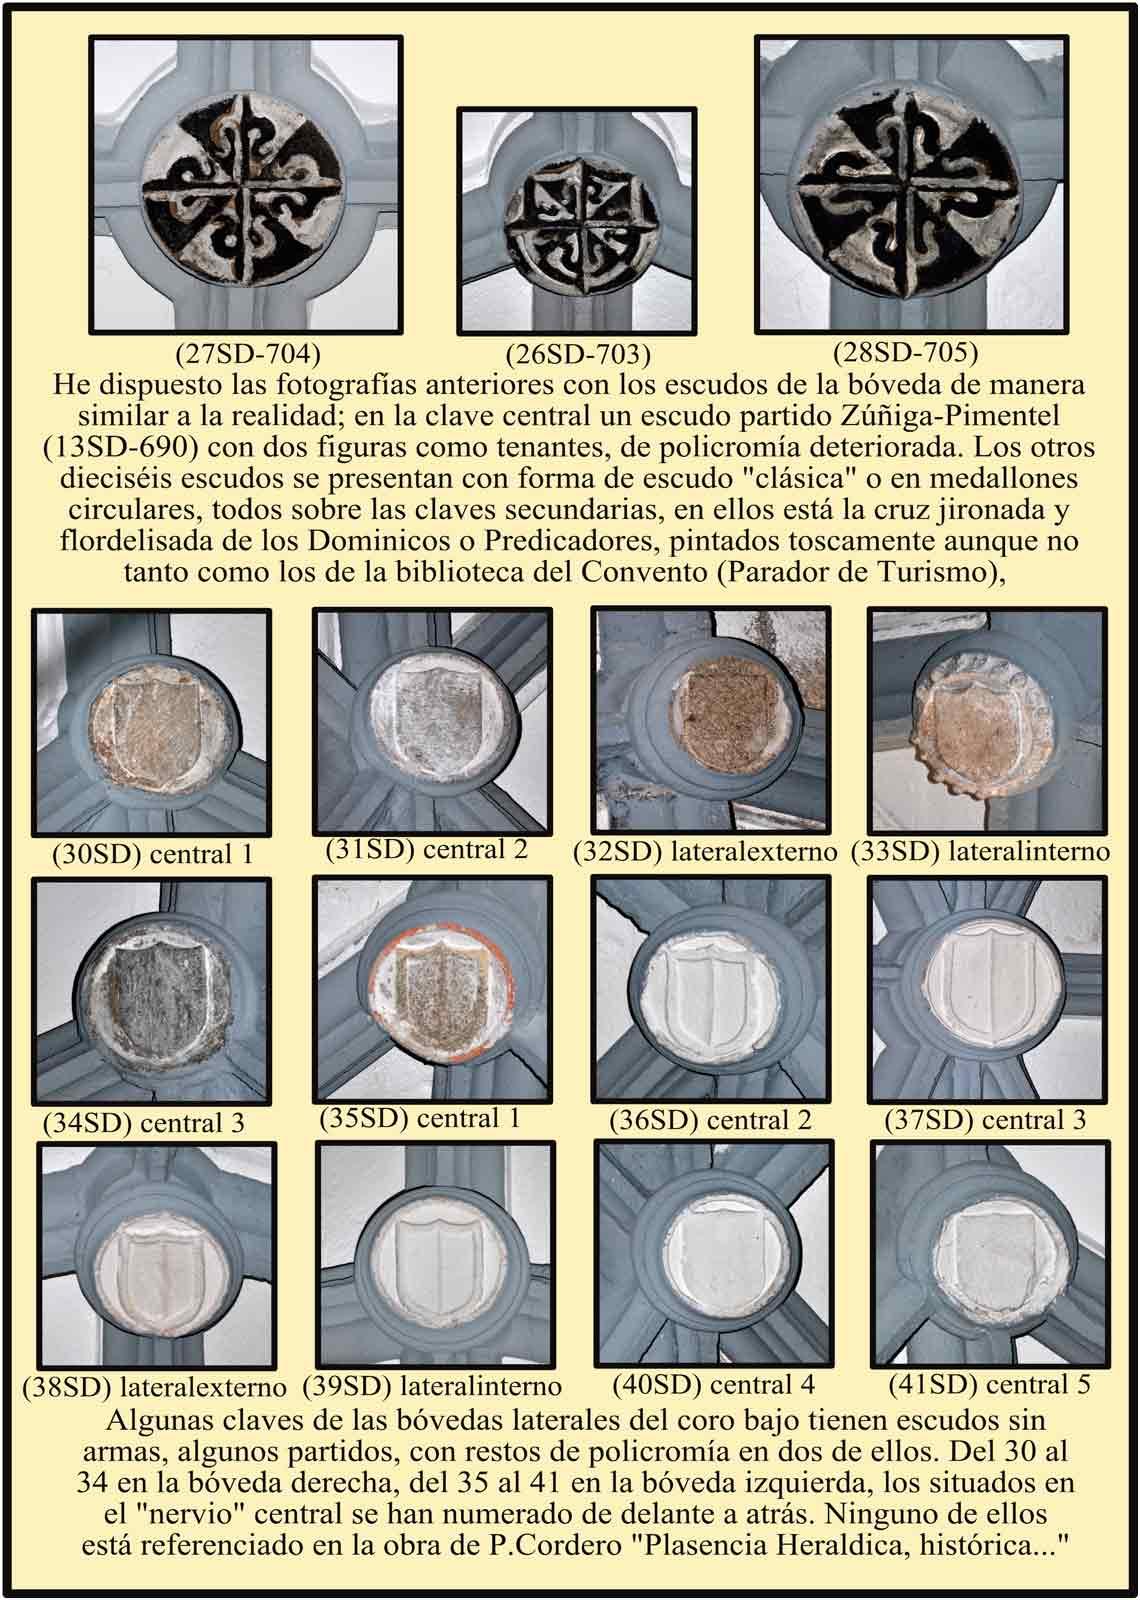 Escudos de las bovedas del coro bajo, bovedas laterales con escudos encalados